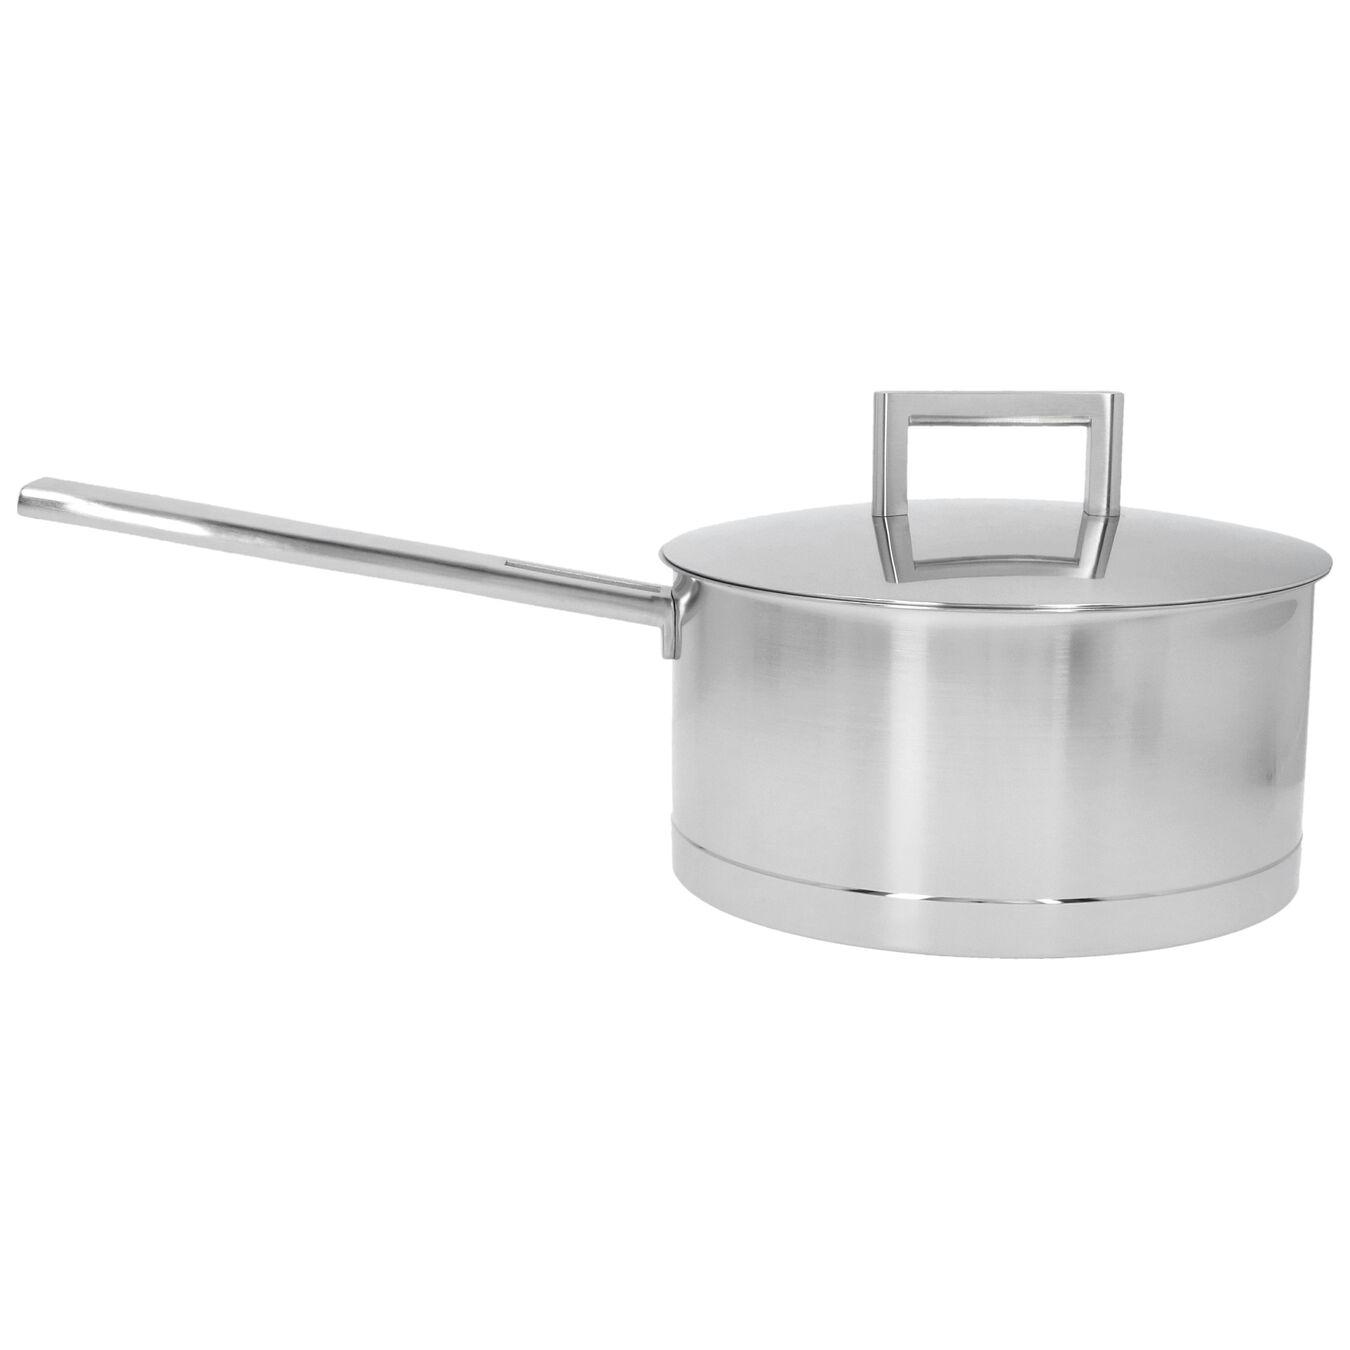 Sos Tenceresi Kapaklı | 18/10 Paslanmaz Çelik | 20 cm | Metalik Gri,,large 1